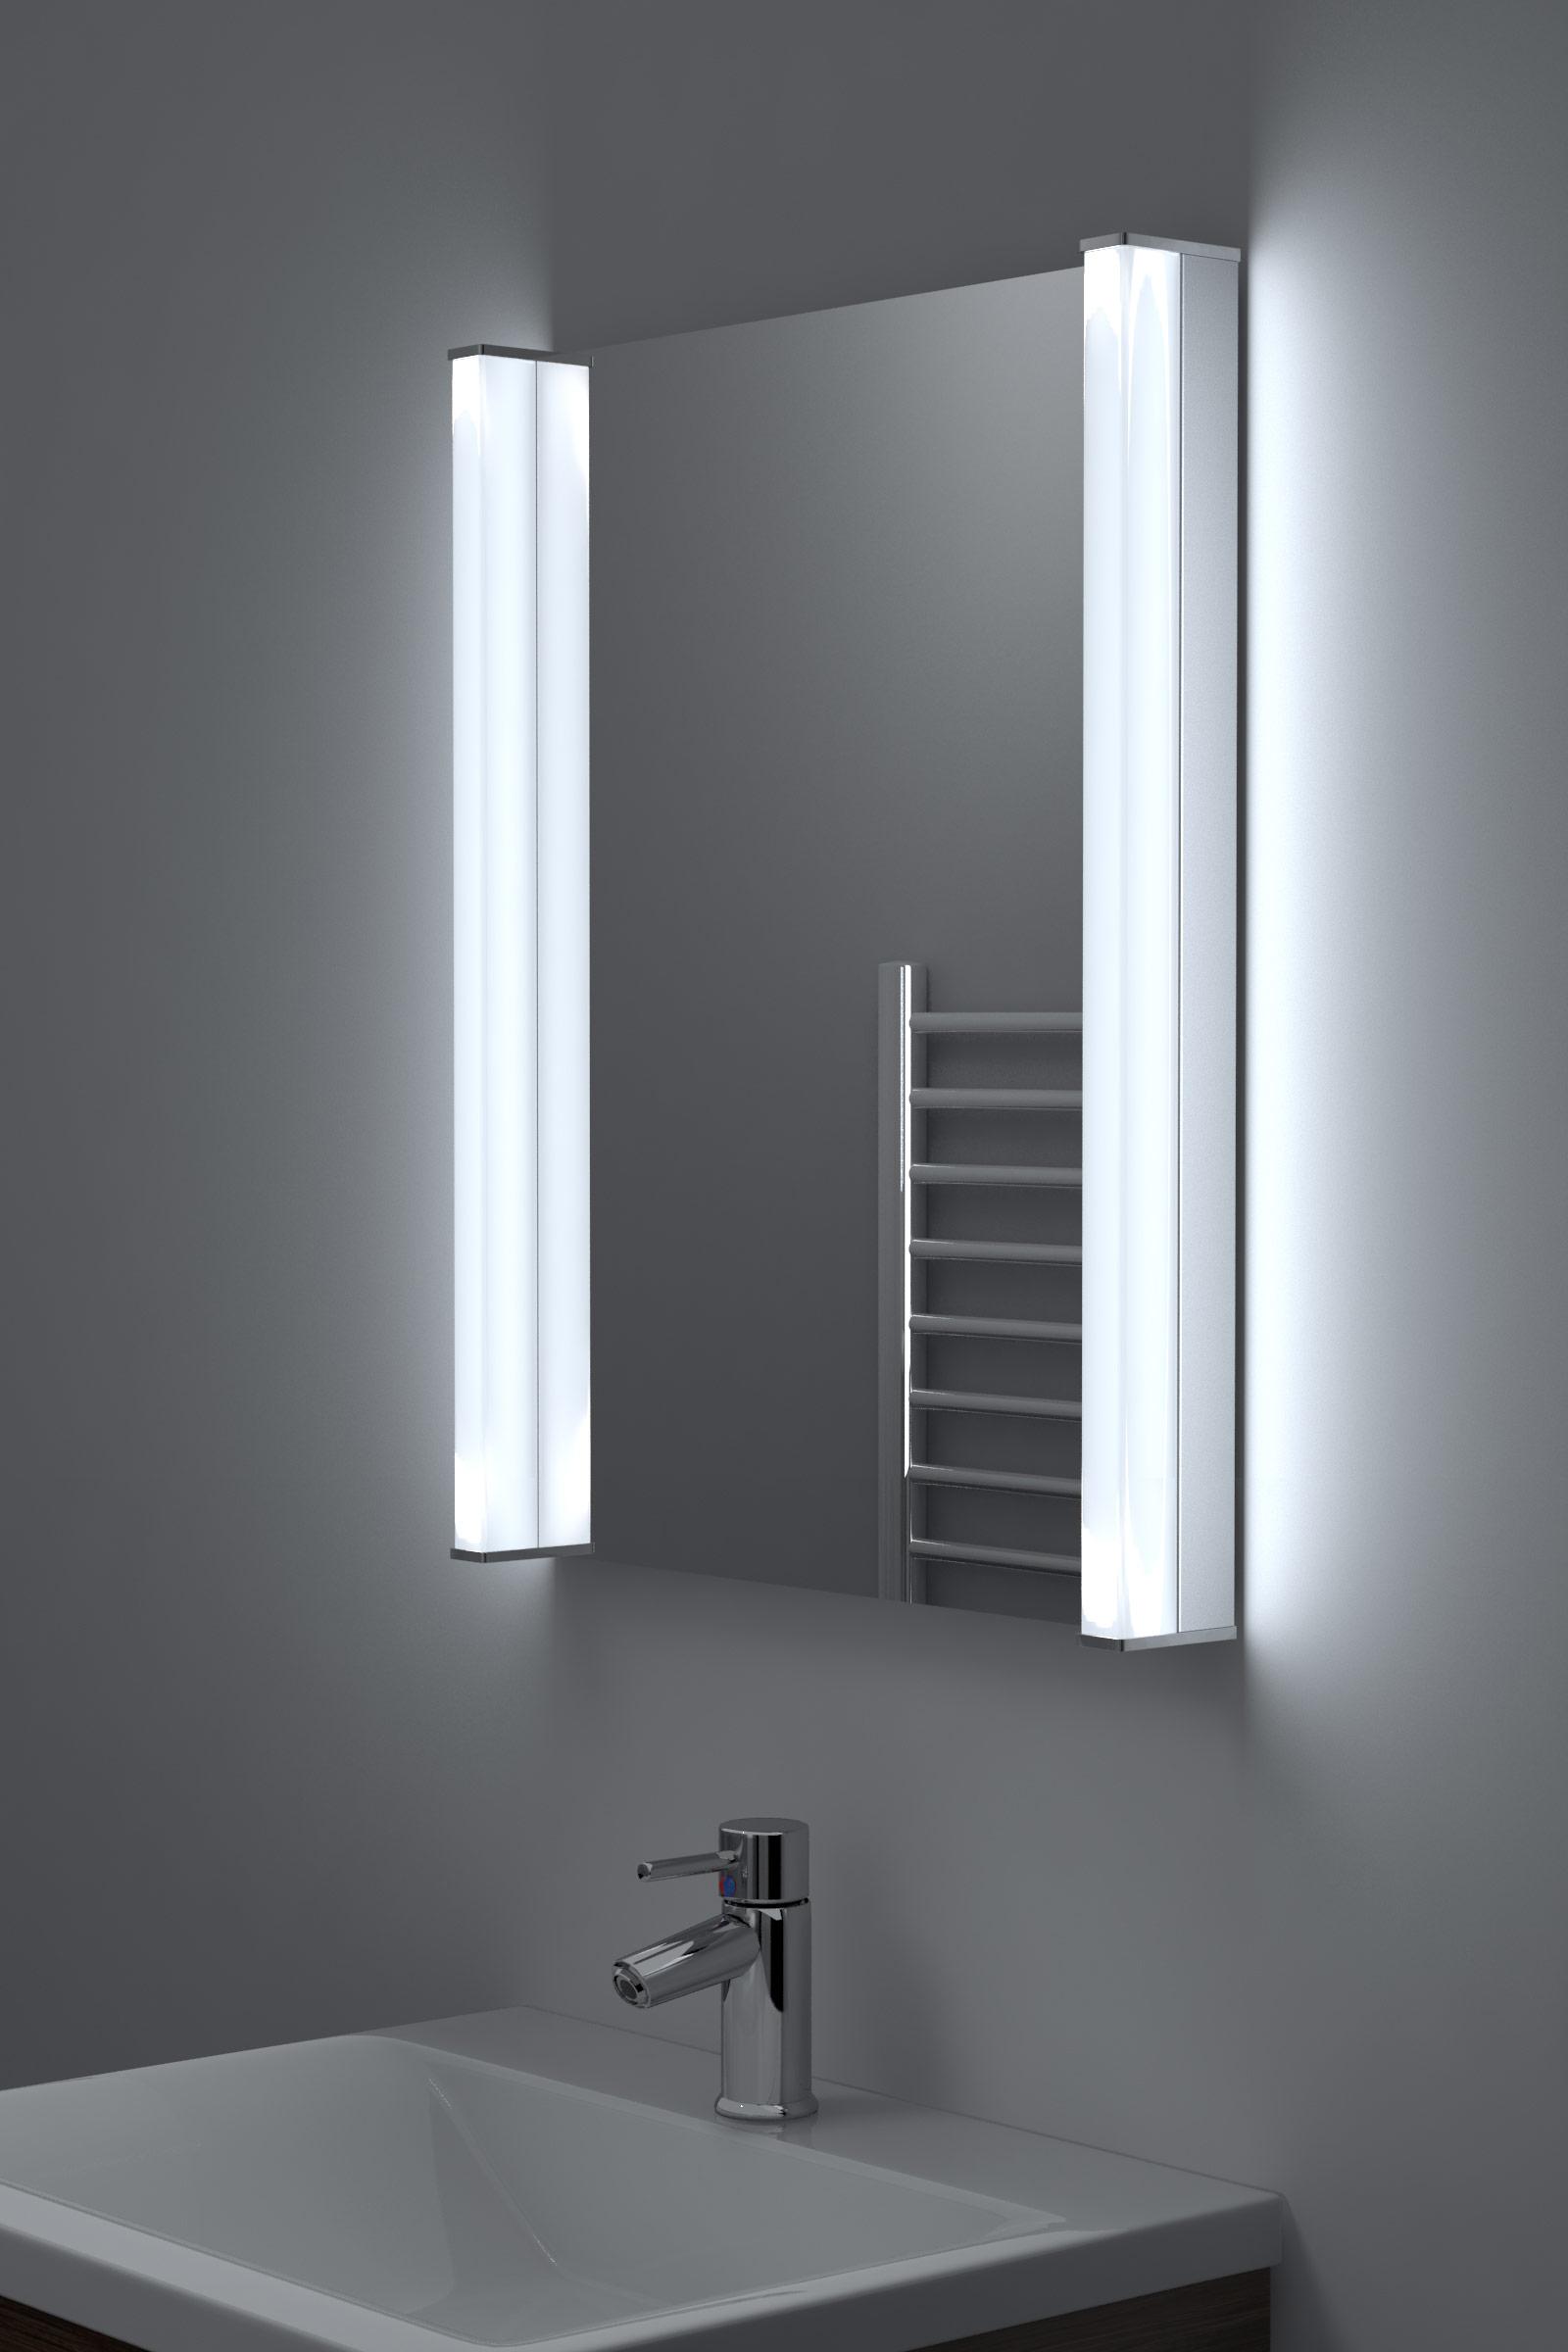 Specchio bagno extra luminoso a led per rasatura antiappannante con sensore k198 ebay - Armadietti per il bagno ...